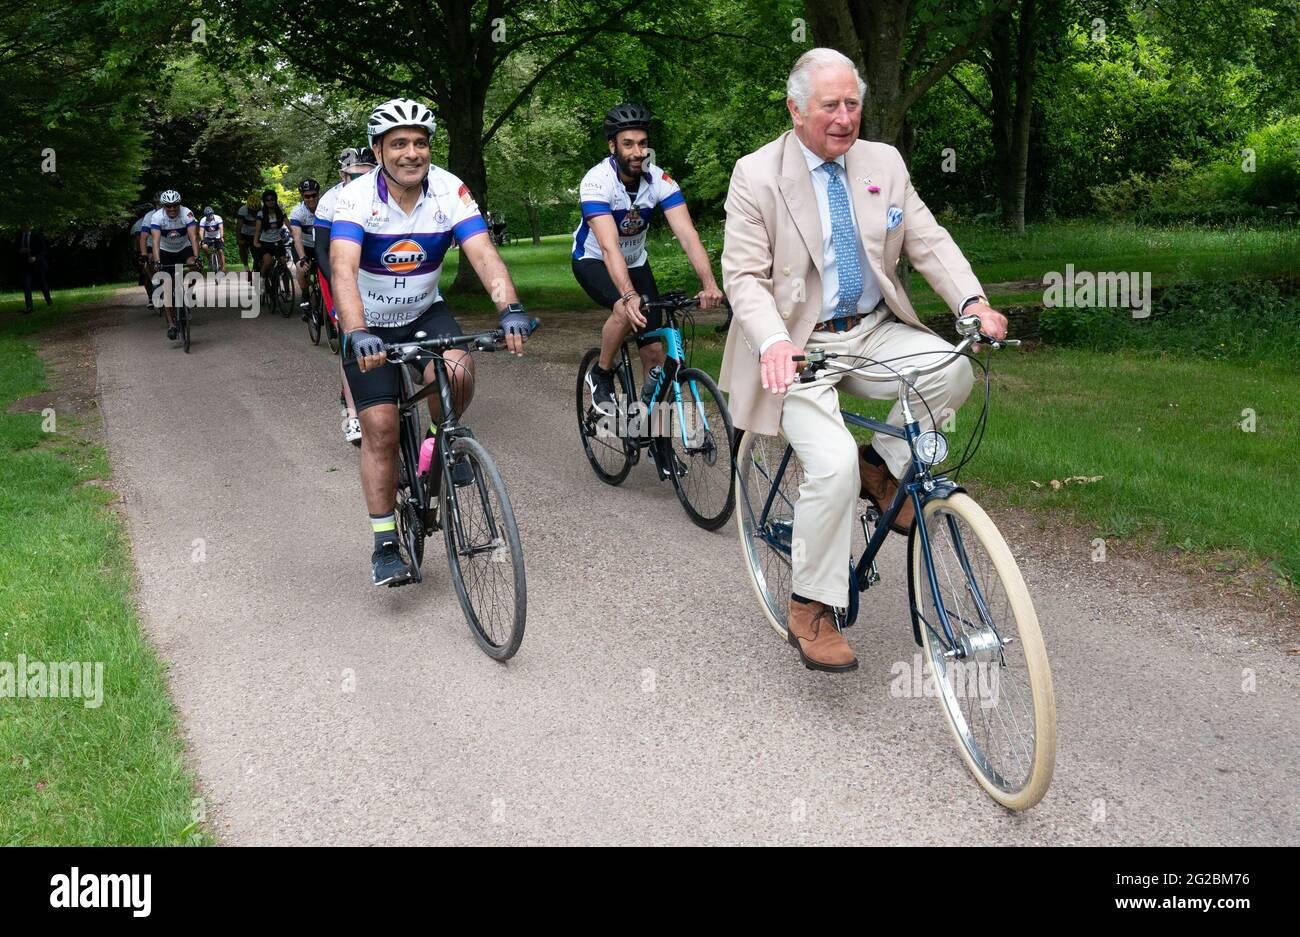 """Der Prinz von Wales tritt mit Vertretern des British Asian Trust in Highgrove in Gloucestershire zusammen, bevor sie sich auf die Veranstaltung """"Palaces on Wheels"""" der Wohltätigkeitsorganisation begeben. Bilddatum: Donnerstag, 10. Juni 2021. Stockfoto"""